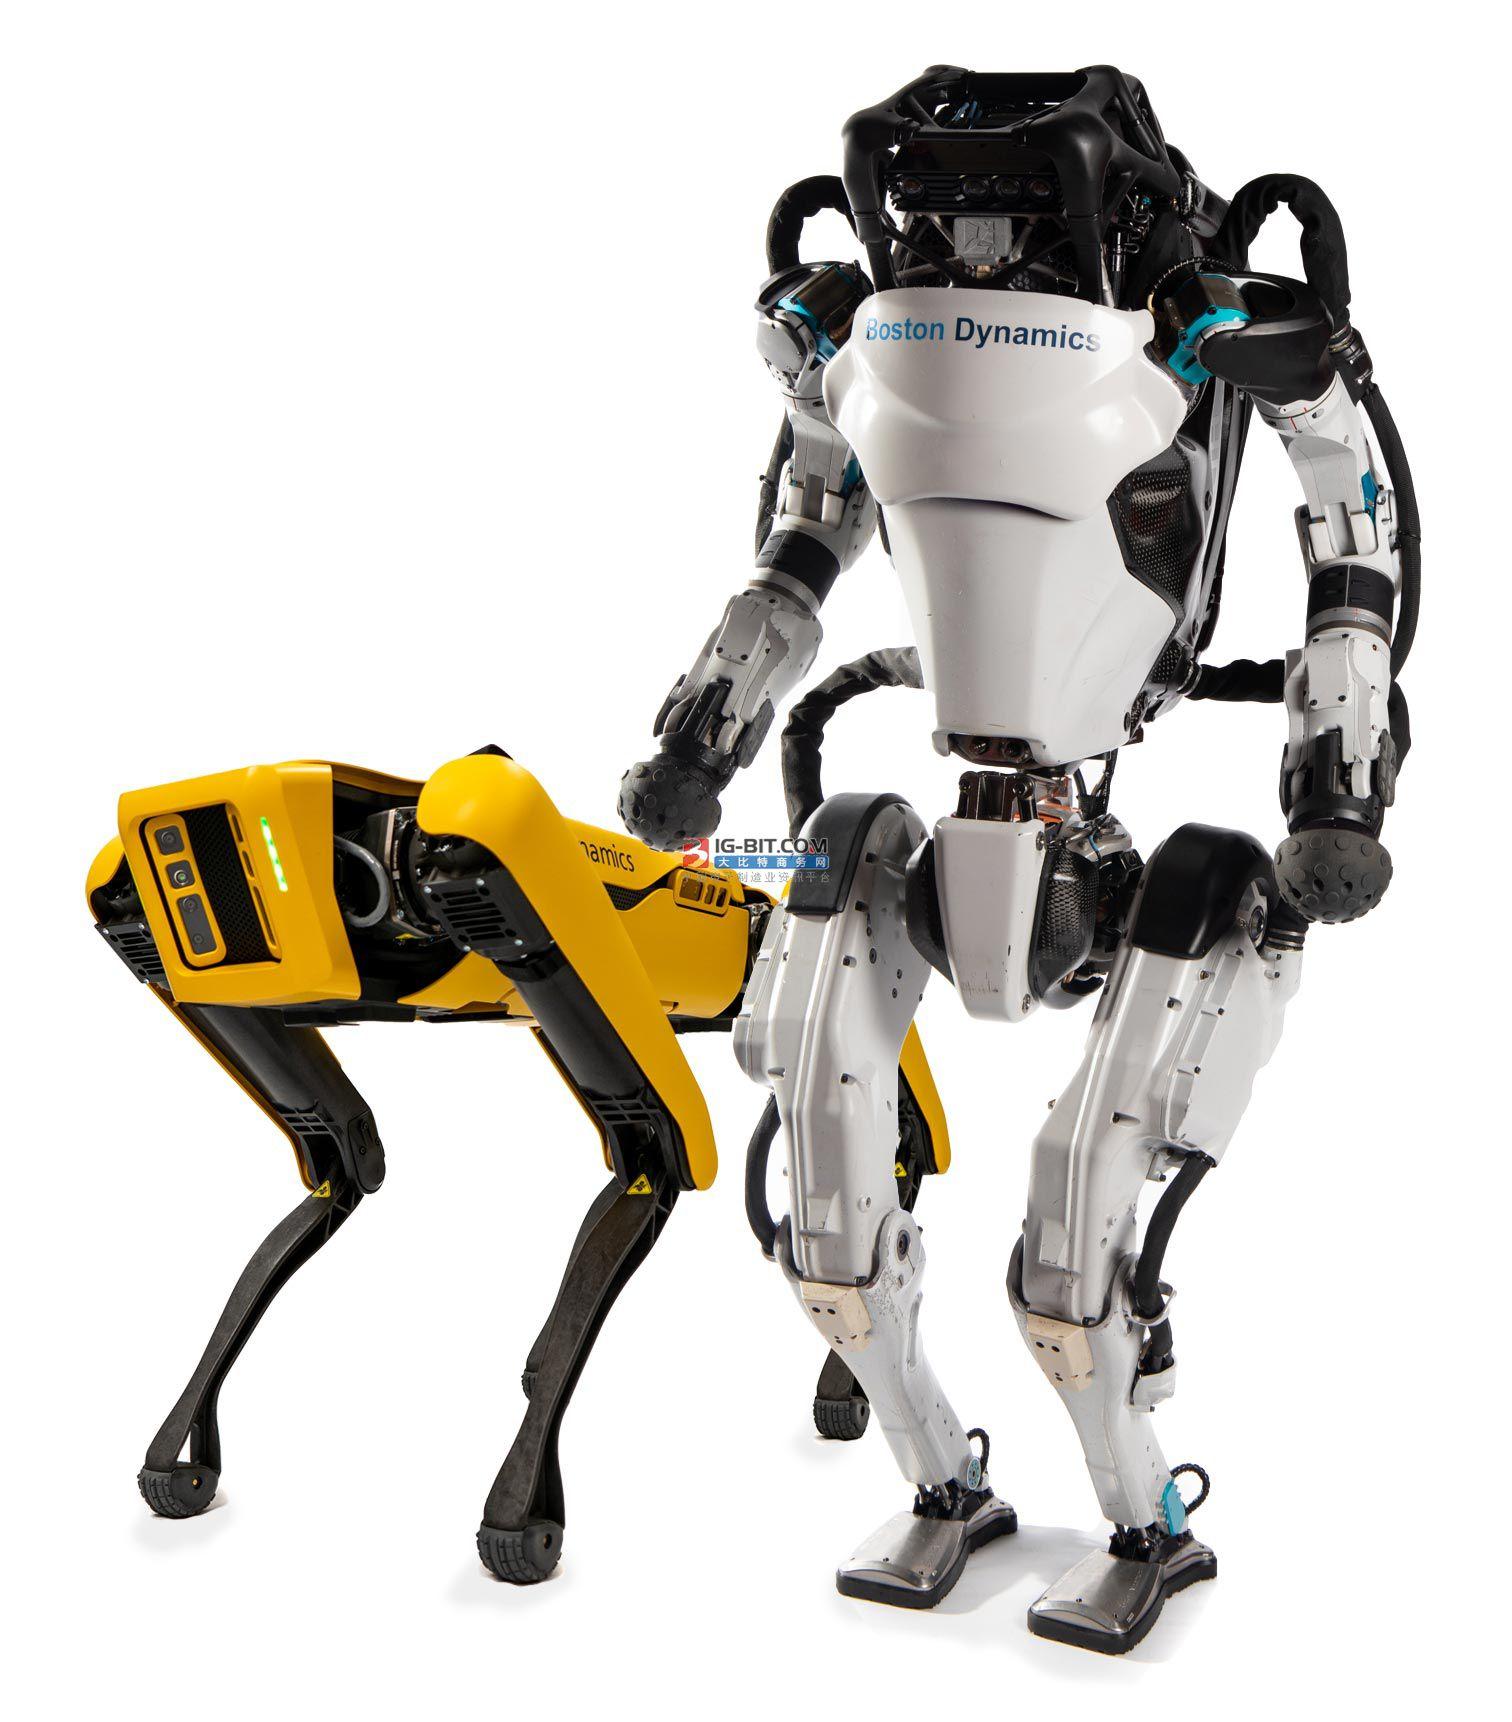 機器人實驗室助手問世 進行研究的速度快人類千倍